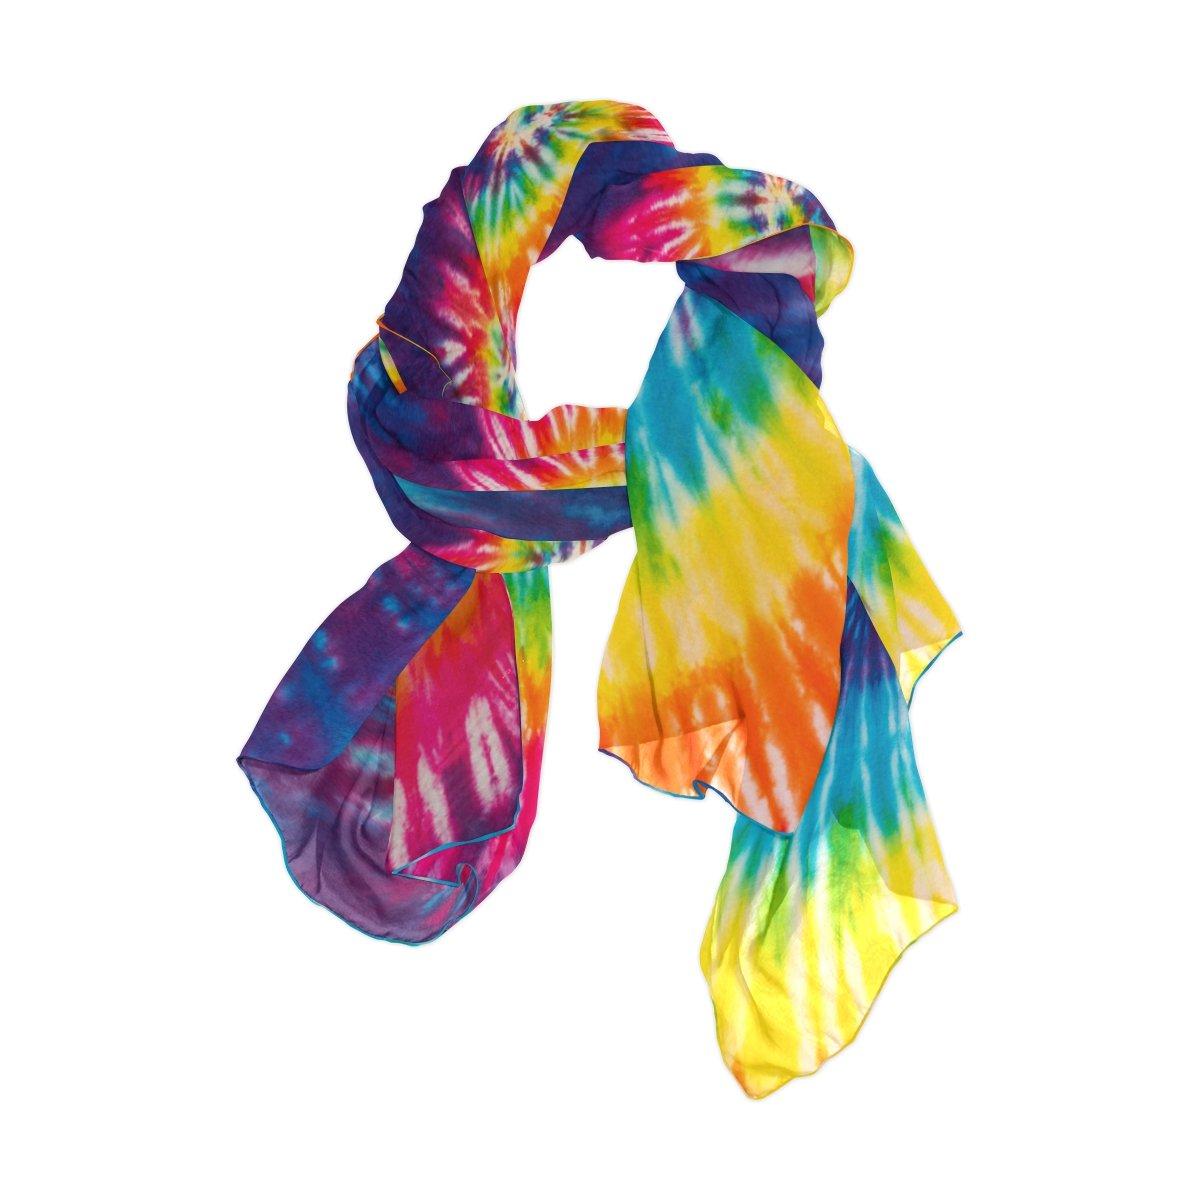 Use4 Fashion Rainbow Color Tie Dye Chiffon Long Scarf Shawl Wrap g1389274p110c124s164